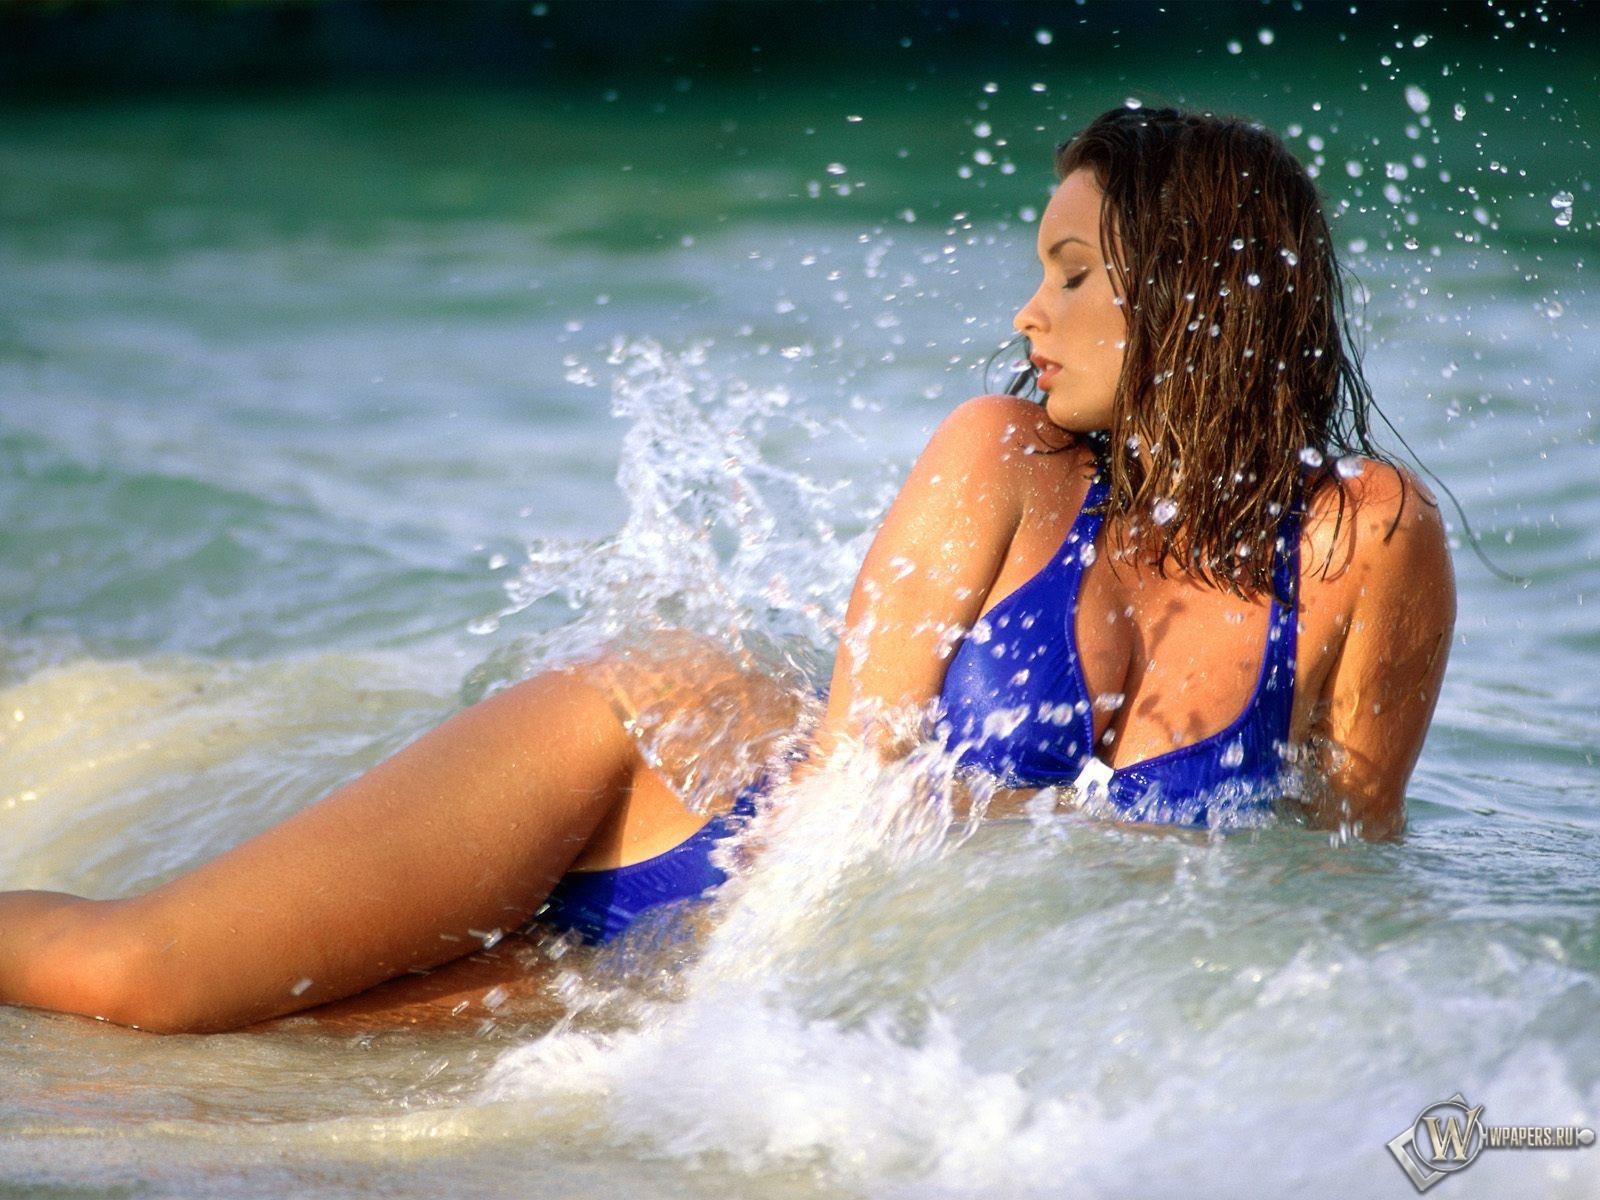 Девушка в морской воде 1600x1200